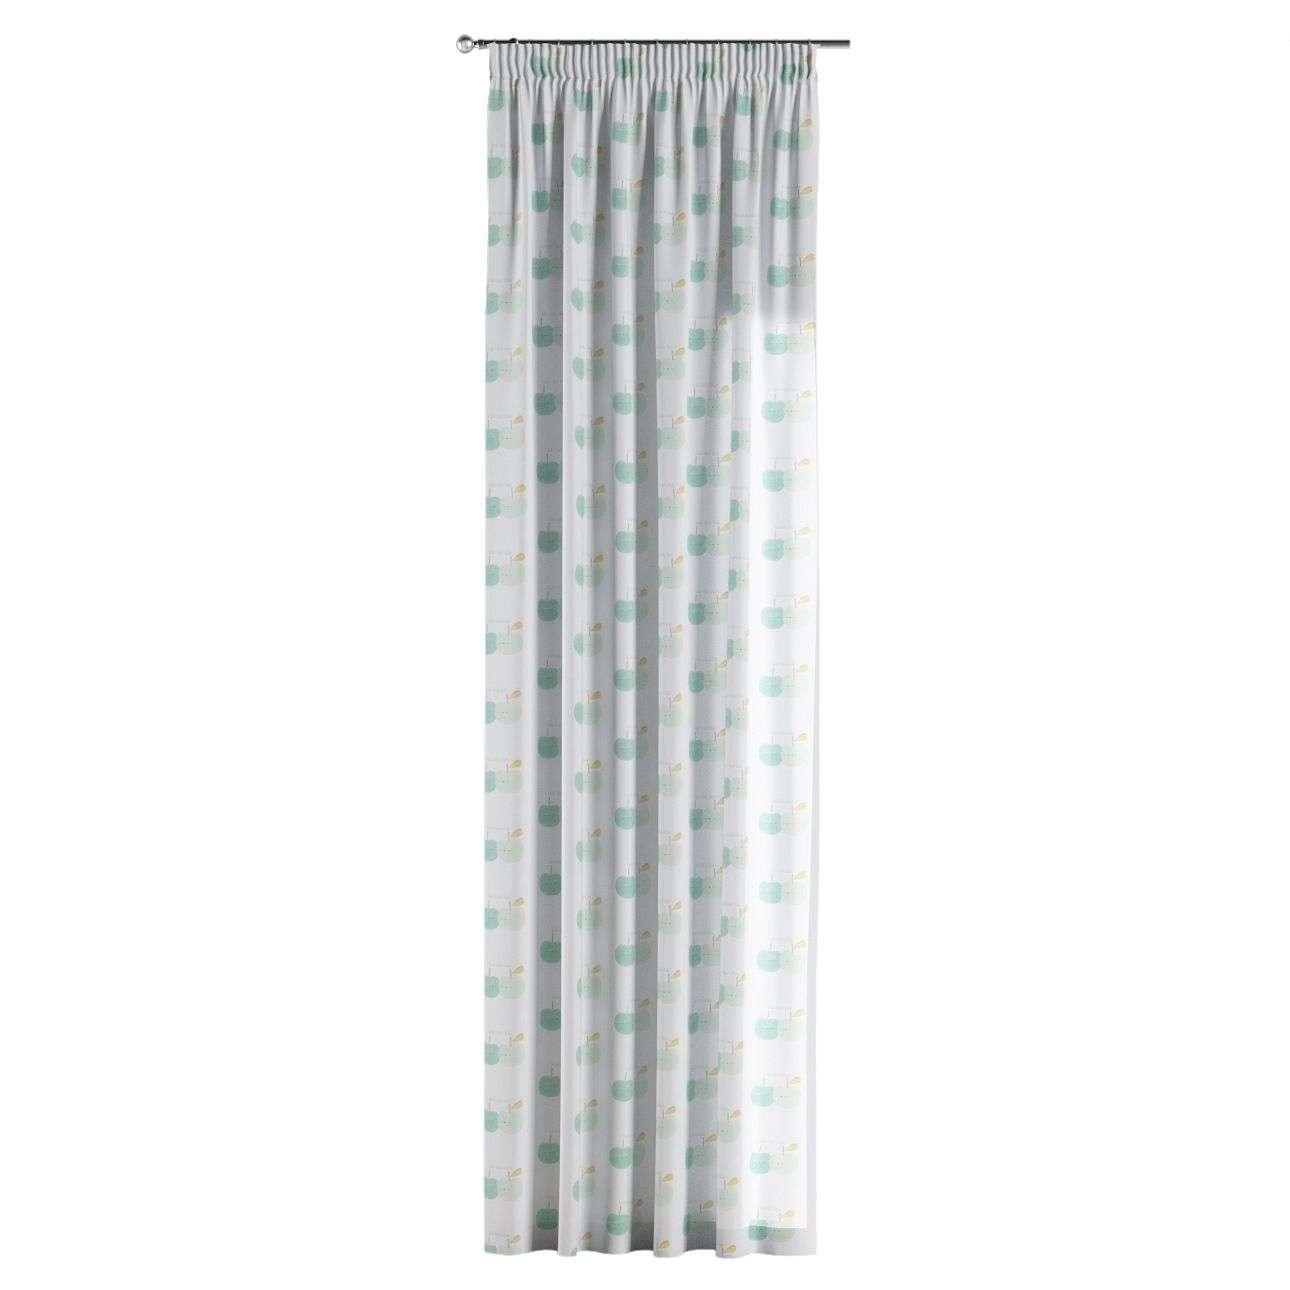 Záves na riasiacej páske V kolekcii Apanona, tkanina: 151-02